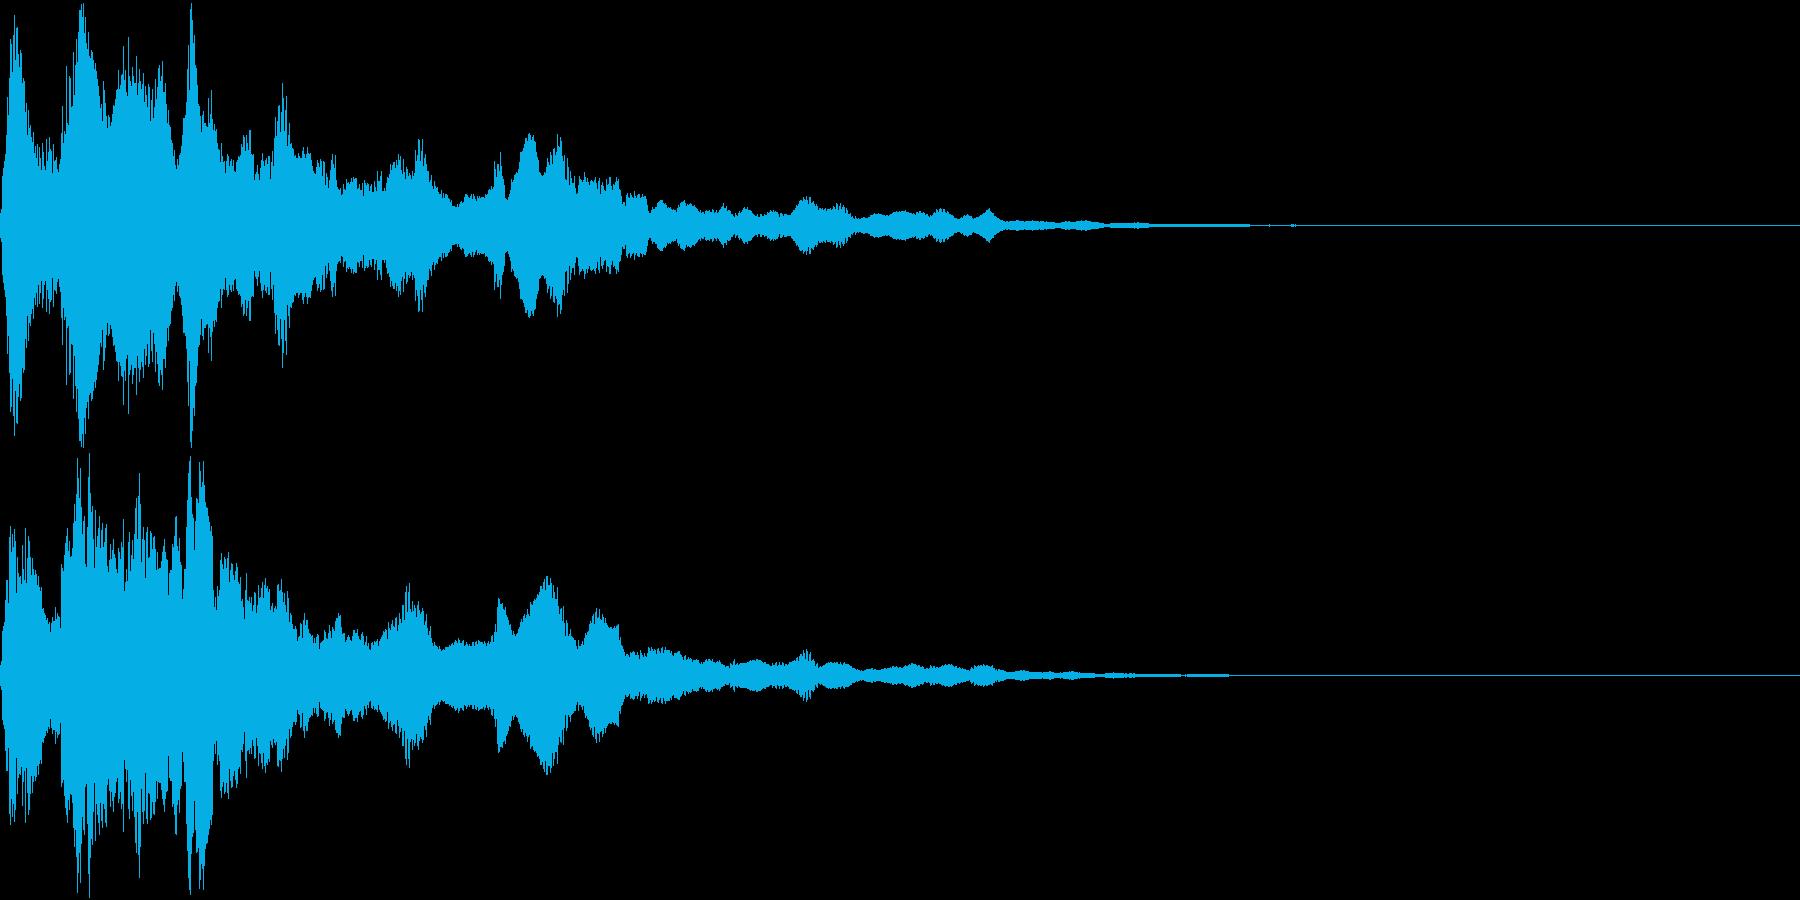 キラーン(スタート 決定 メカニカル)の再生済みの波形